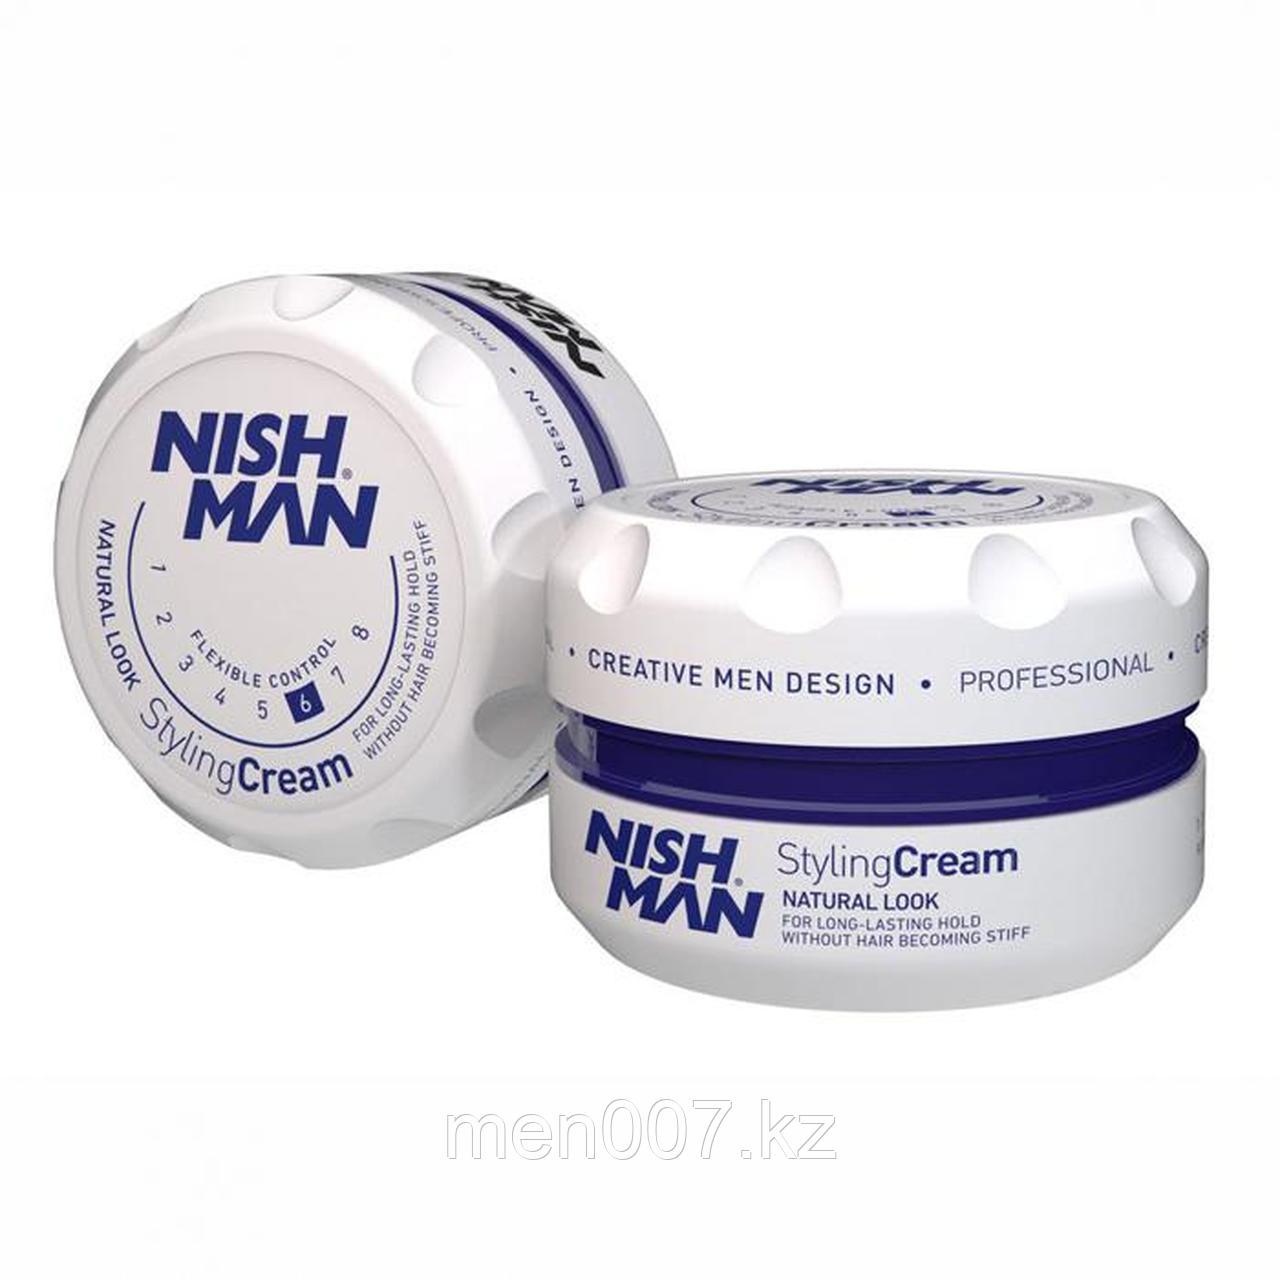 Nishman Styling Cream «Подвижный контроль» (Крем для укладки волос) 150 мл.